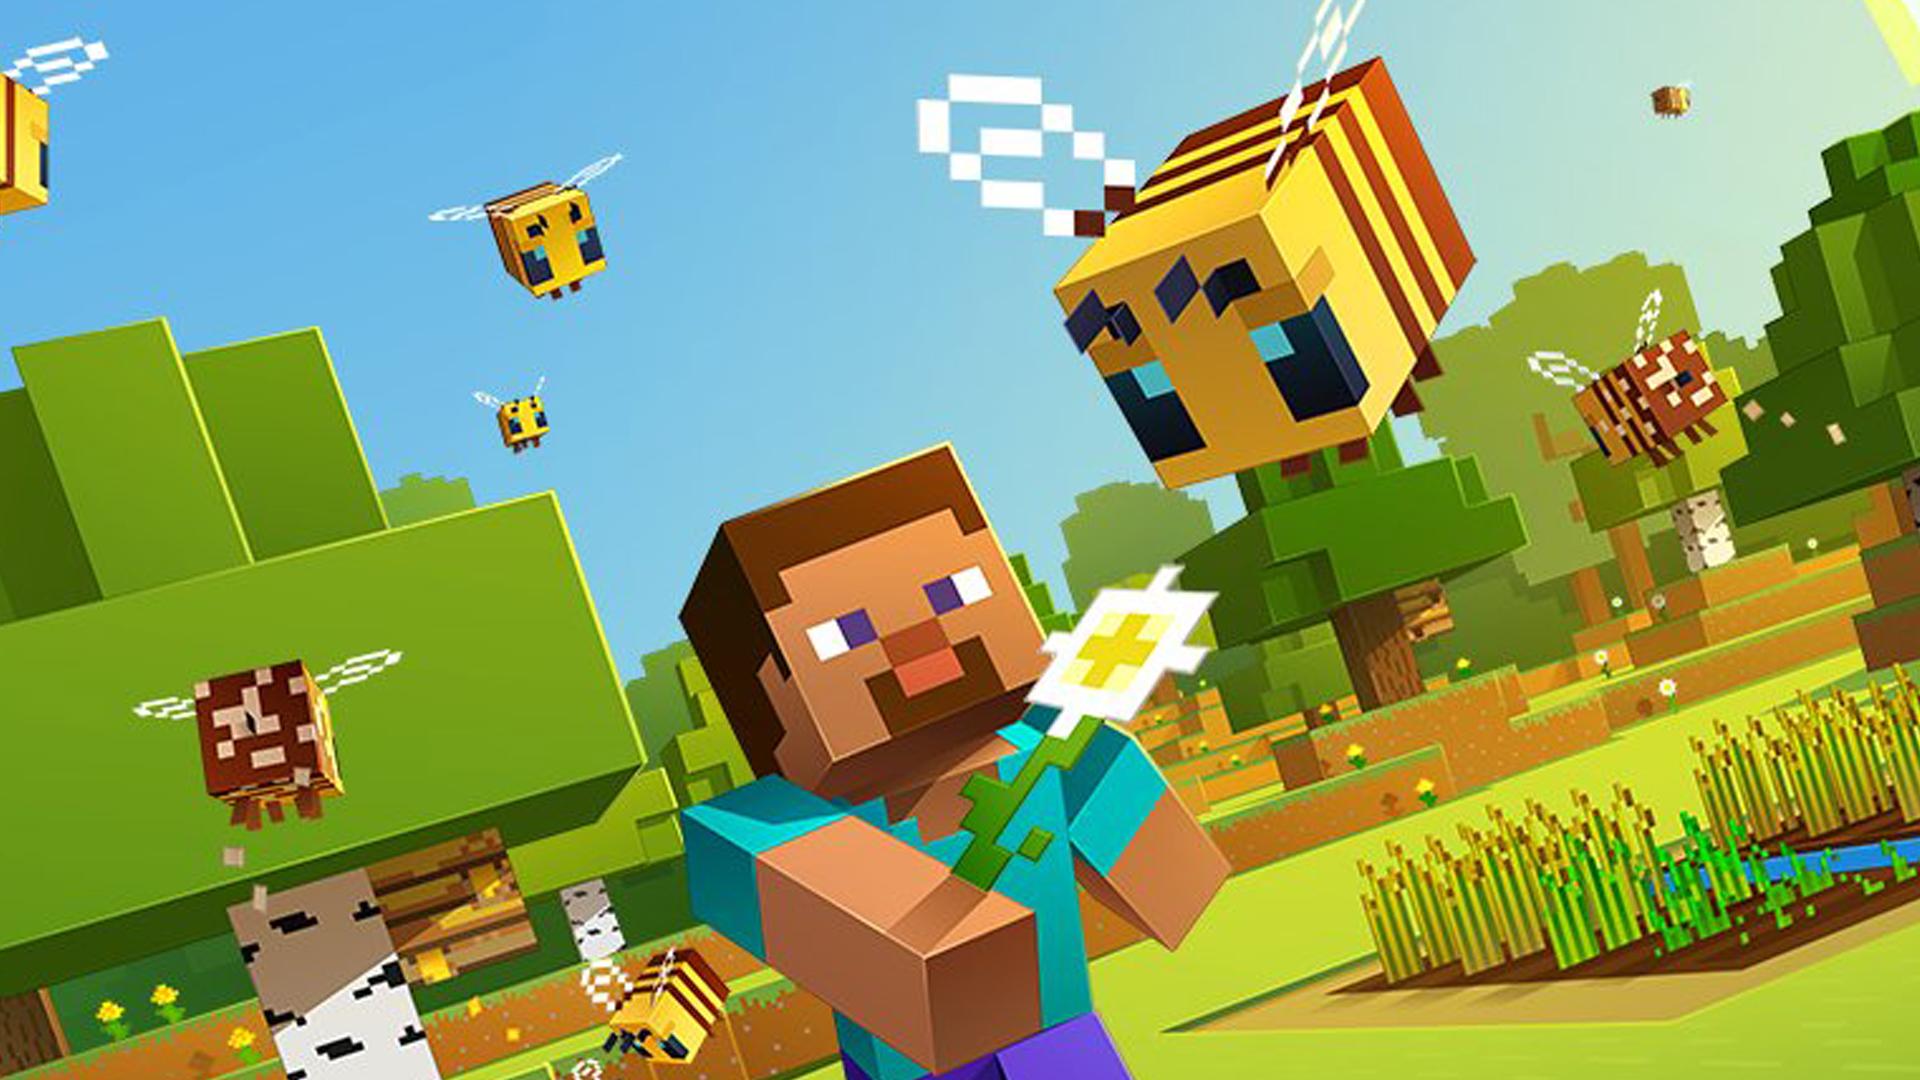 Niebawem Minecraft wymagaæ bêdzie konta Microsoft do gry